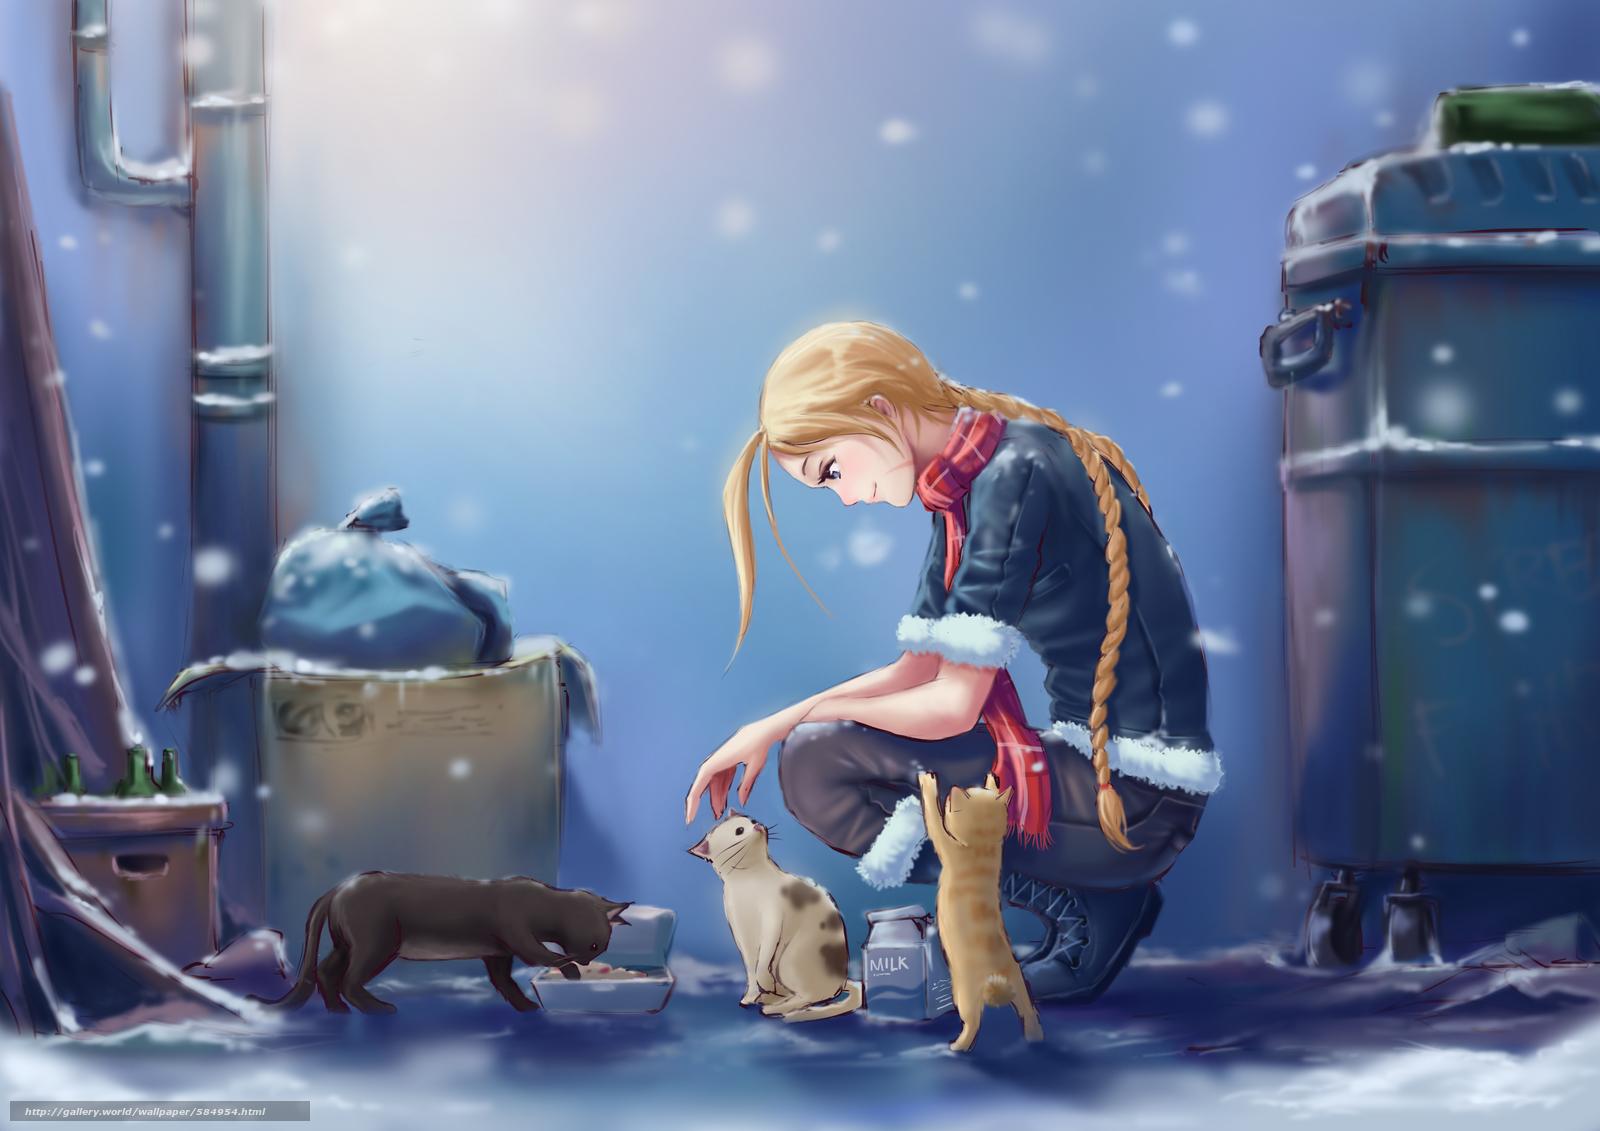 Скачать обои девушка,  молоко,  снег,  город бесплатно для рабочего стола в разрешении 3508x2480 — картинка №584954